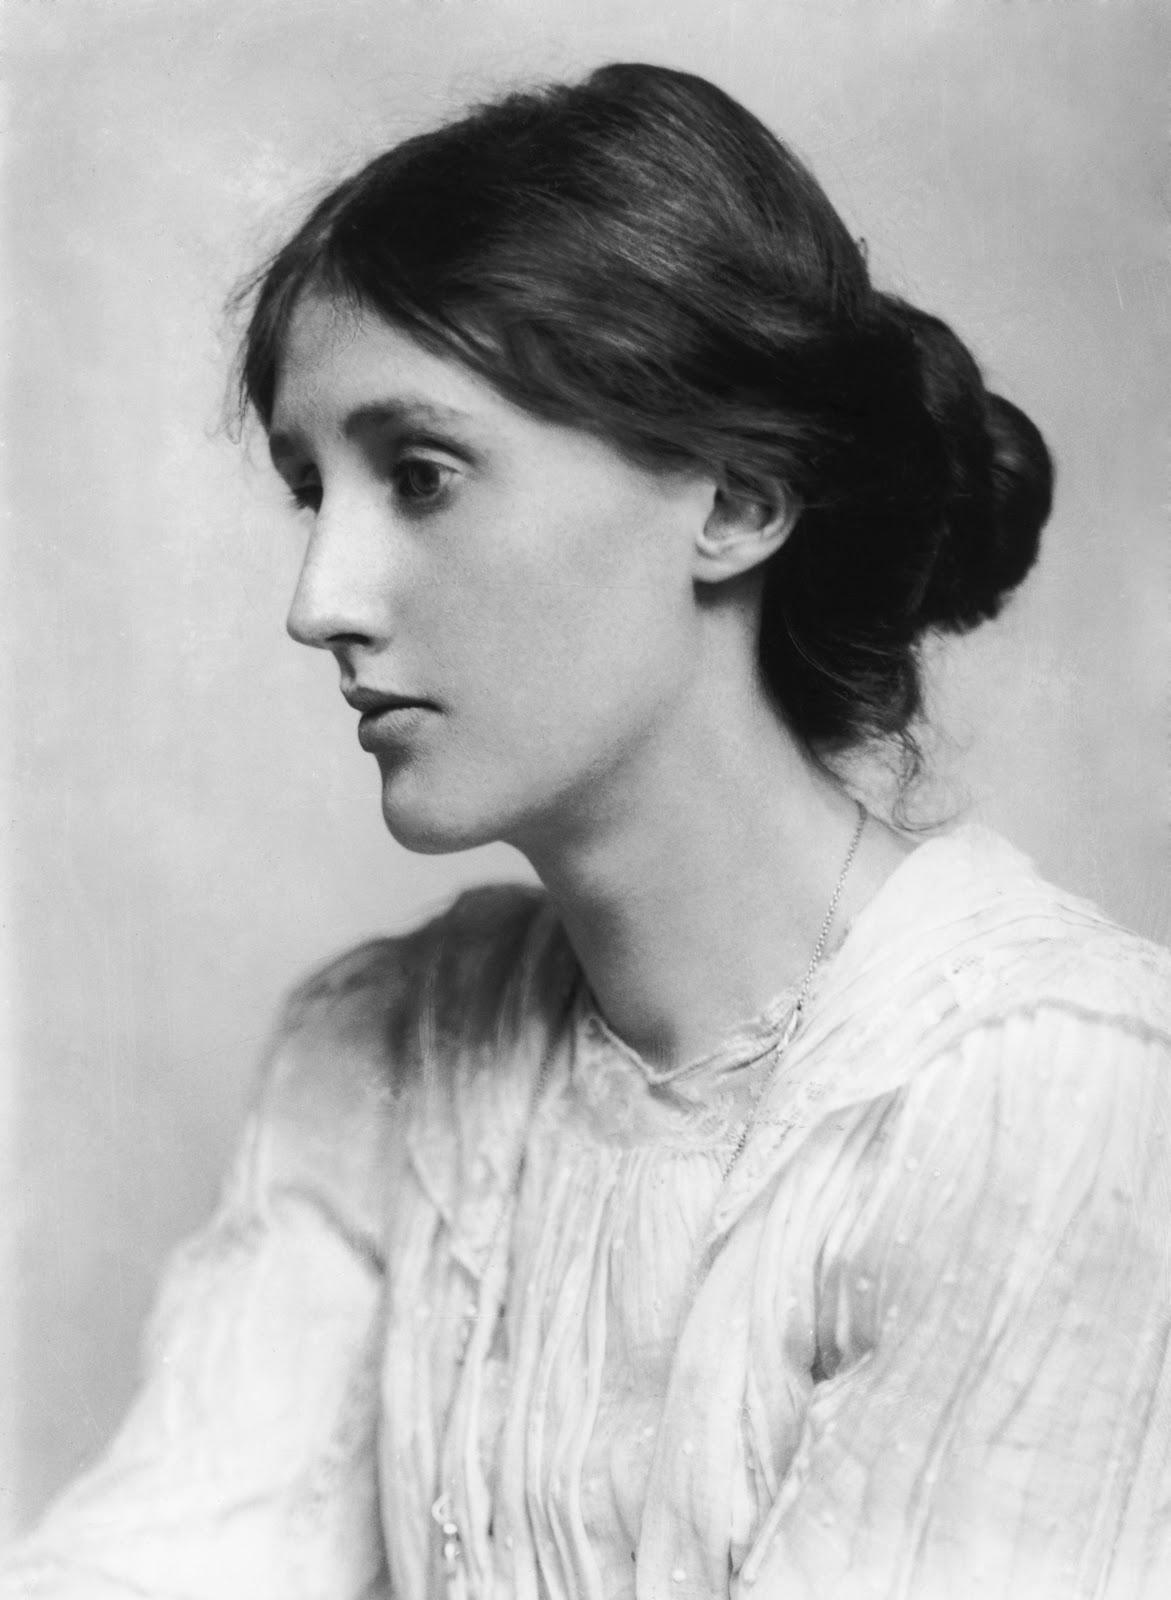 Fotografía de Virginia Woolf por George Charles Beresford